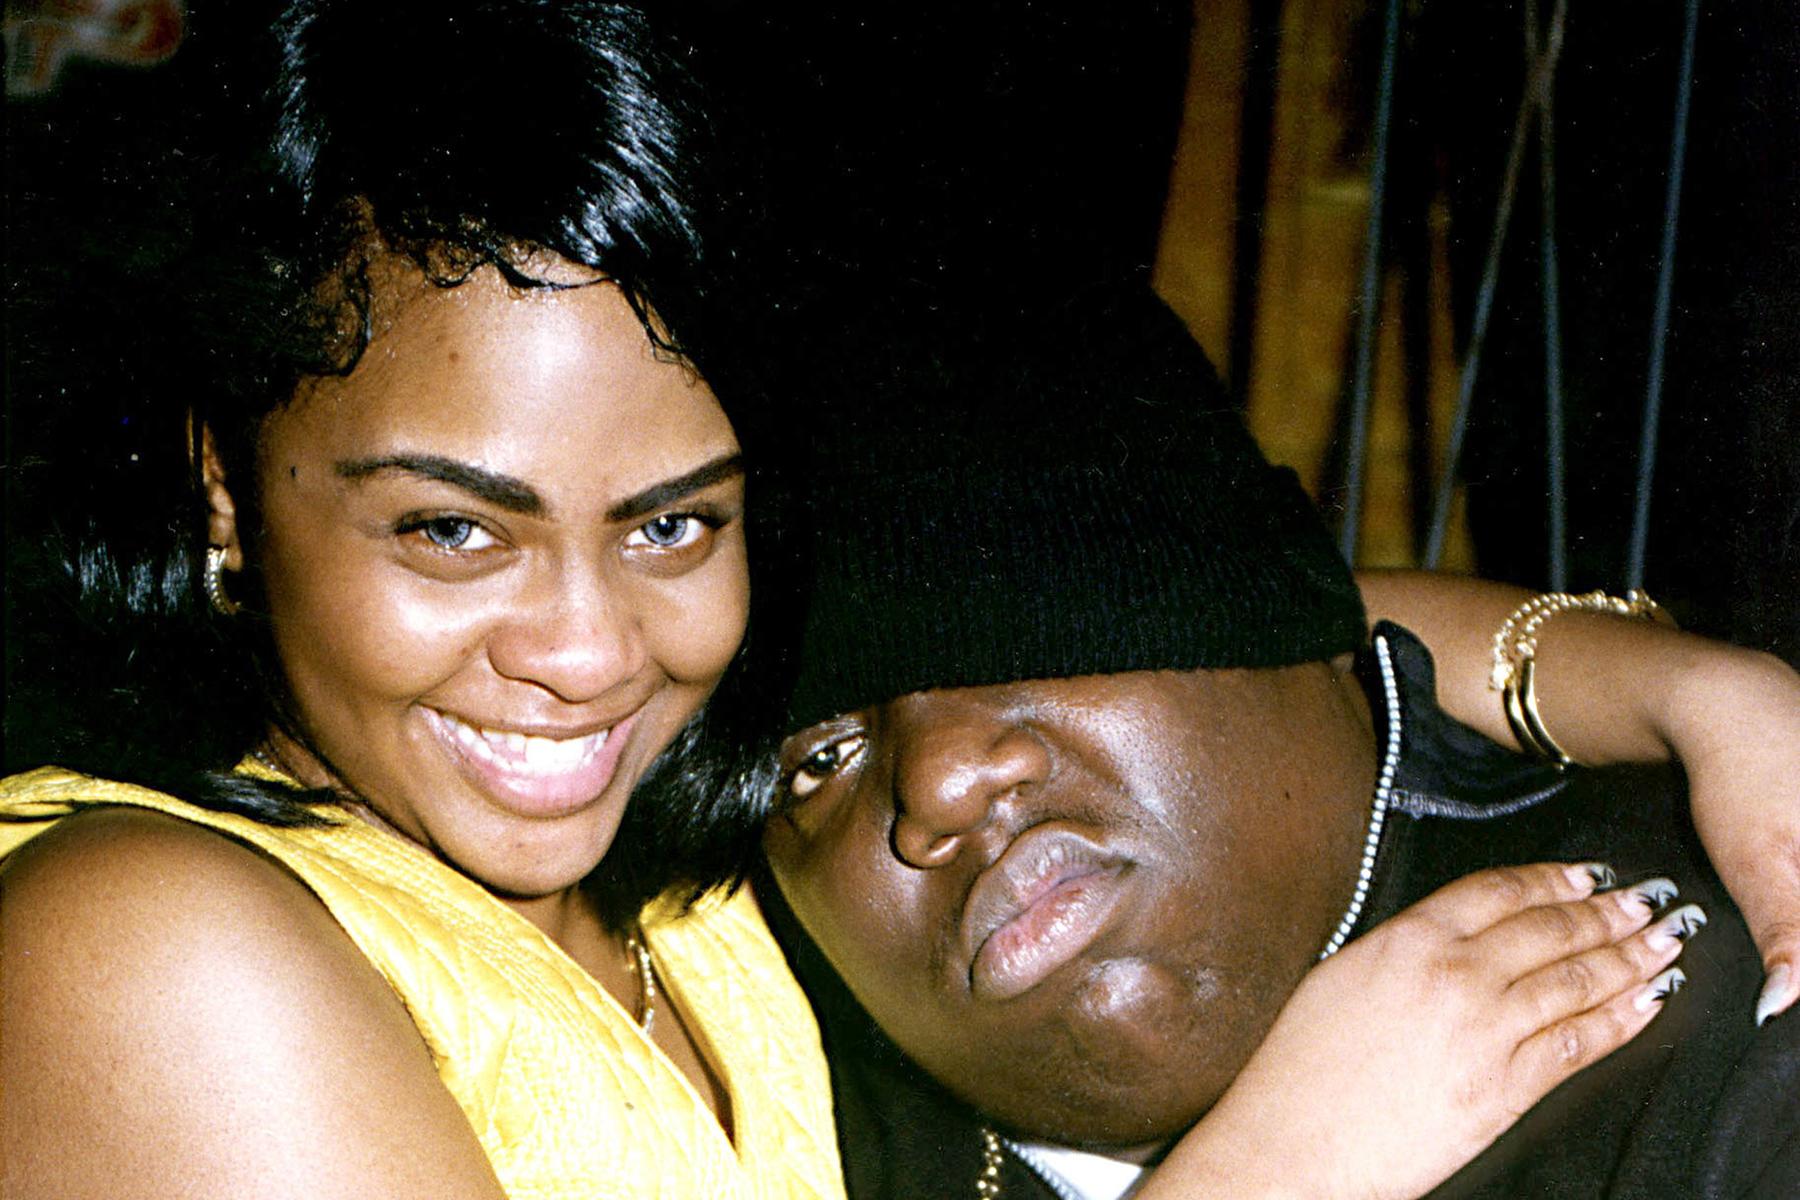 Lil Kim and Biggie Smalls 1996